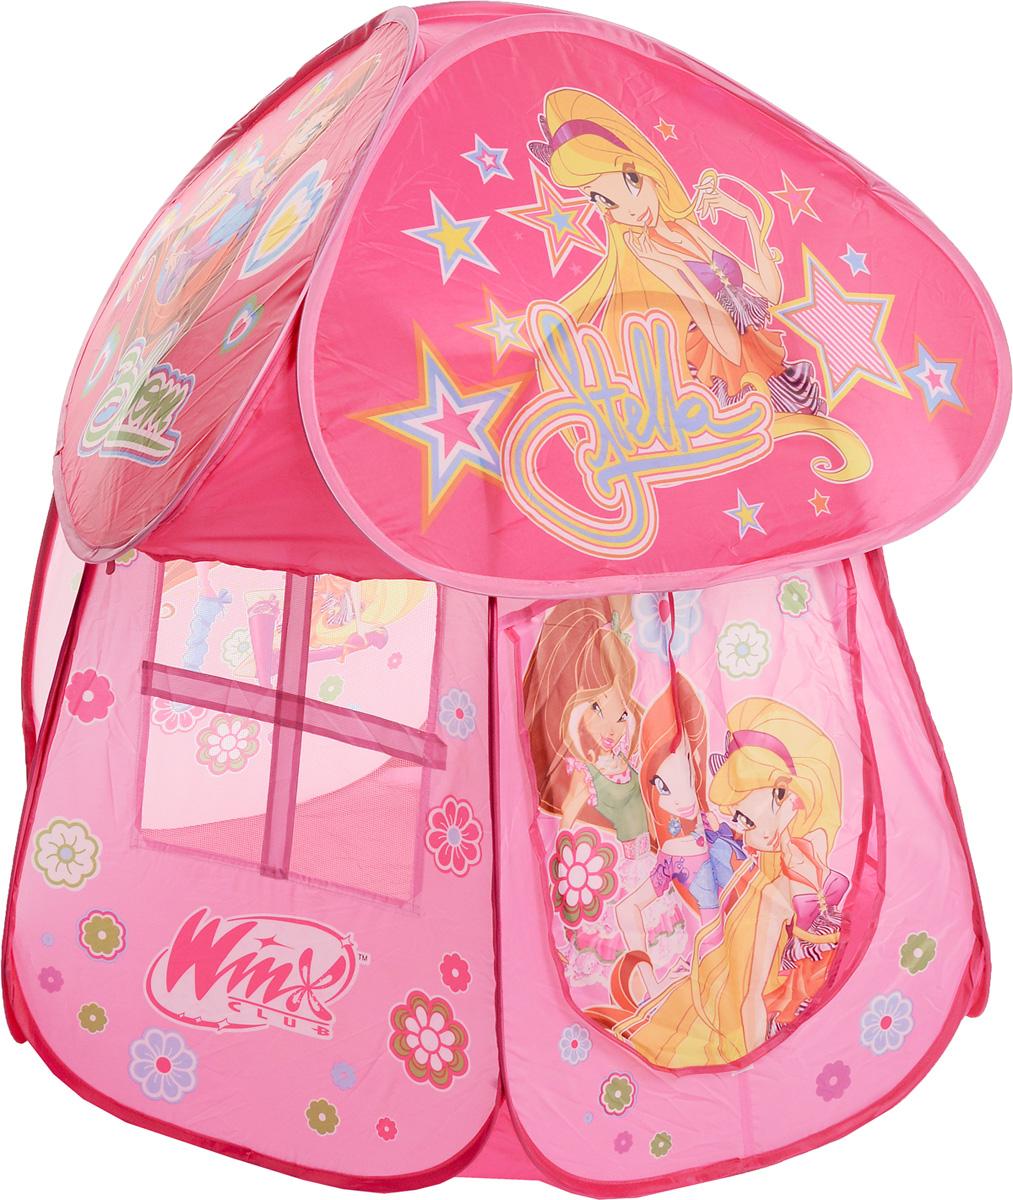 1TOY Детская игровая палатка Winx Club 100 х 90 х 95 см